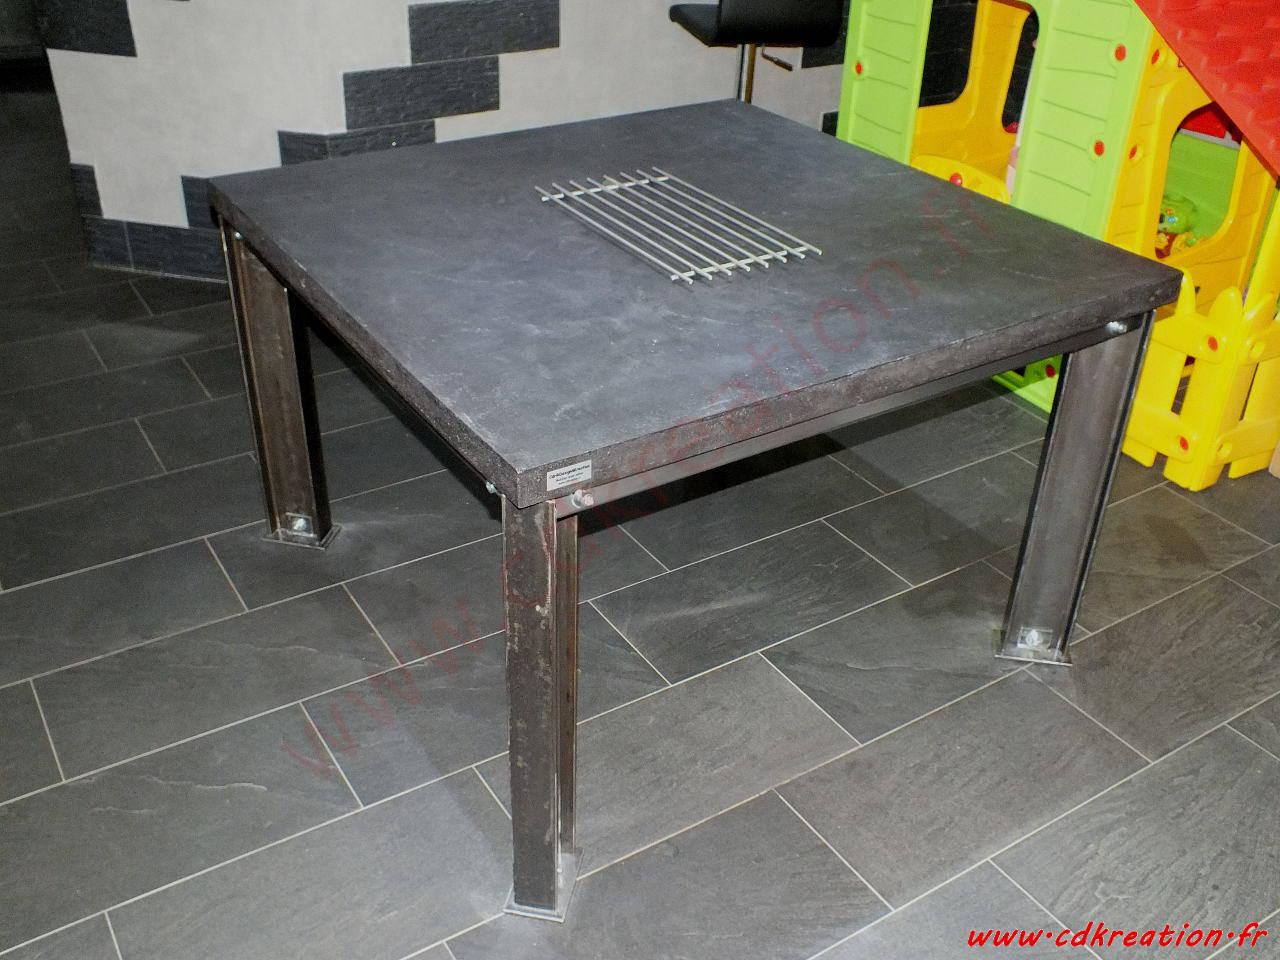 cdrikdesign kreation meuble de design au style industriel sur mesure en beton et acier. Black Bedroom Furniture Sets. Home Design Ideas